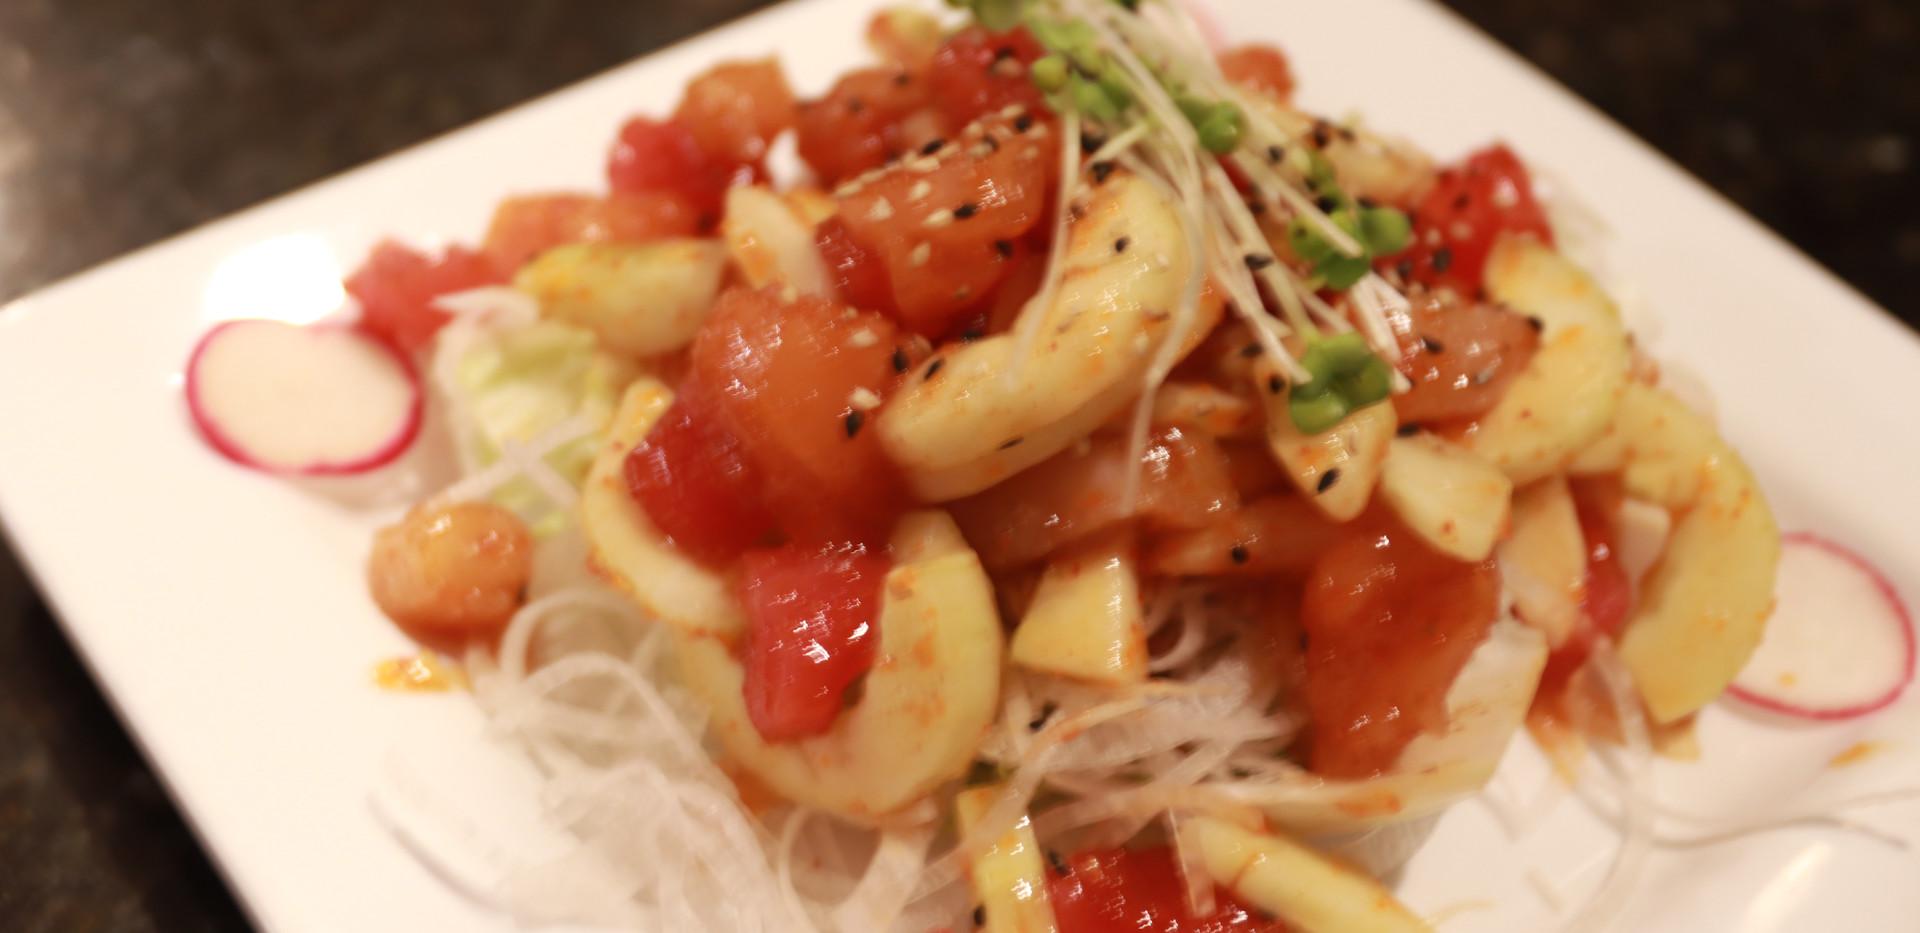 Spicy Fish Salad